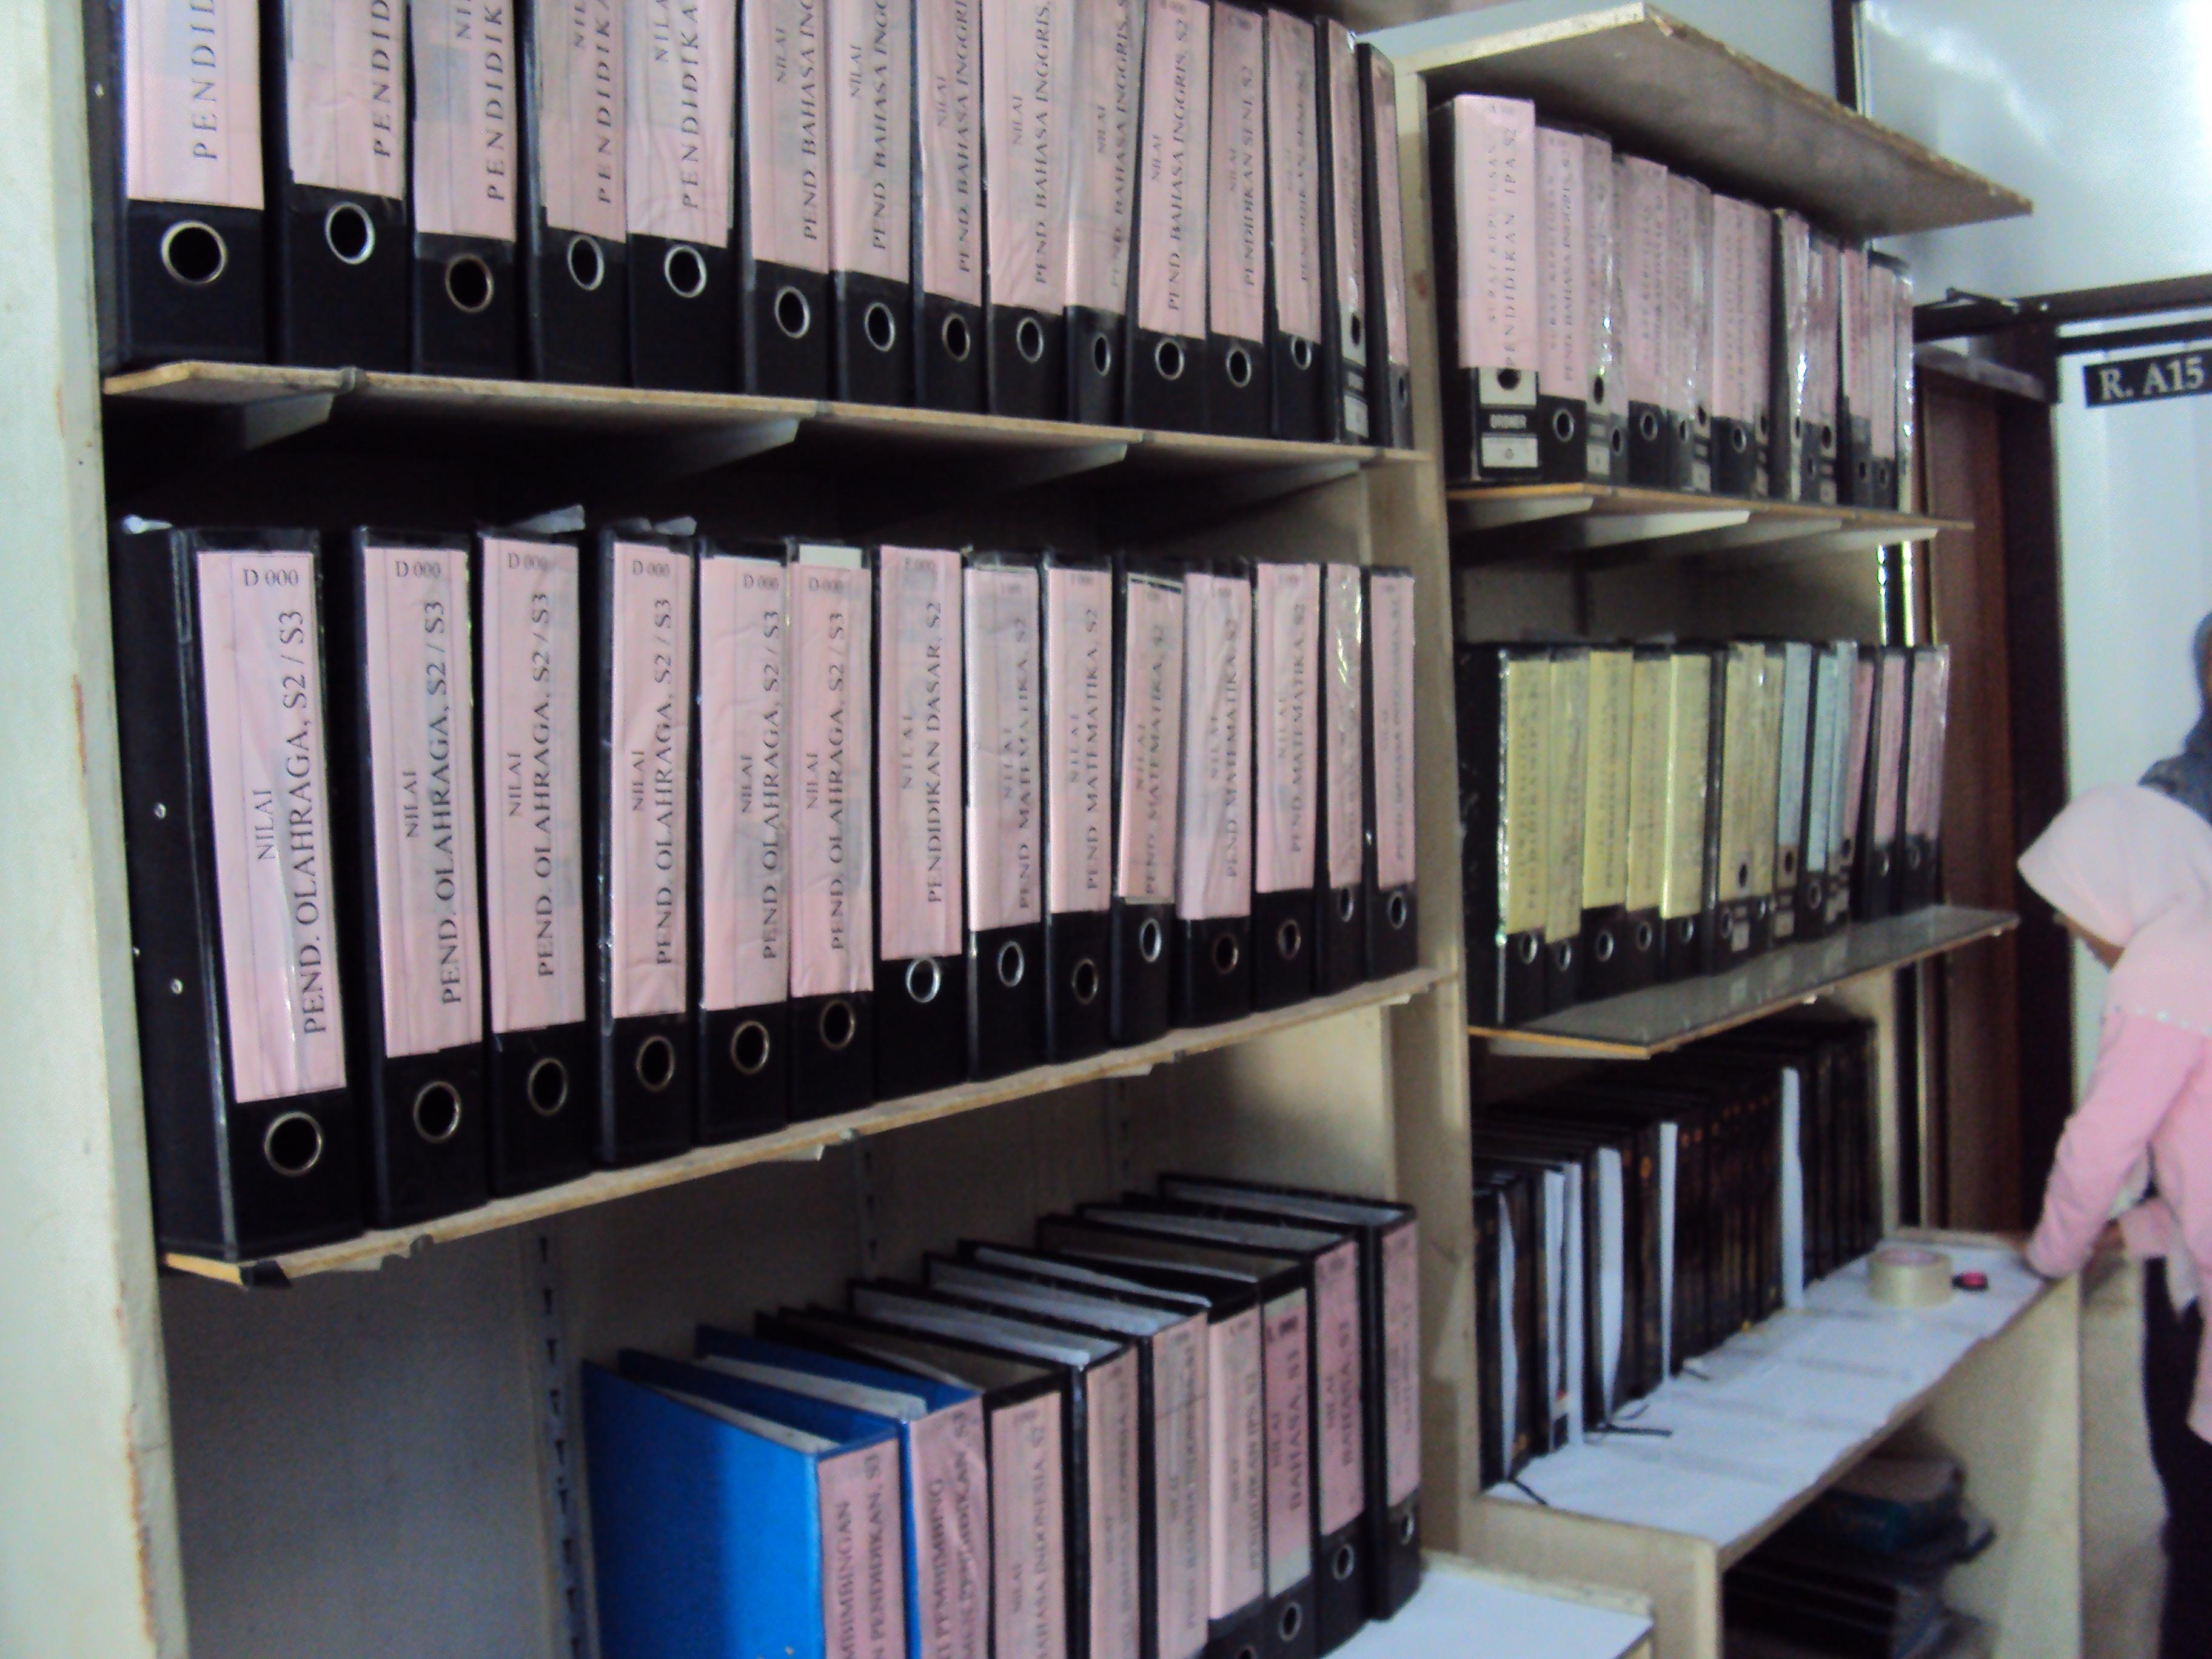 konsultan kearsipan | Agungbae123's Blog